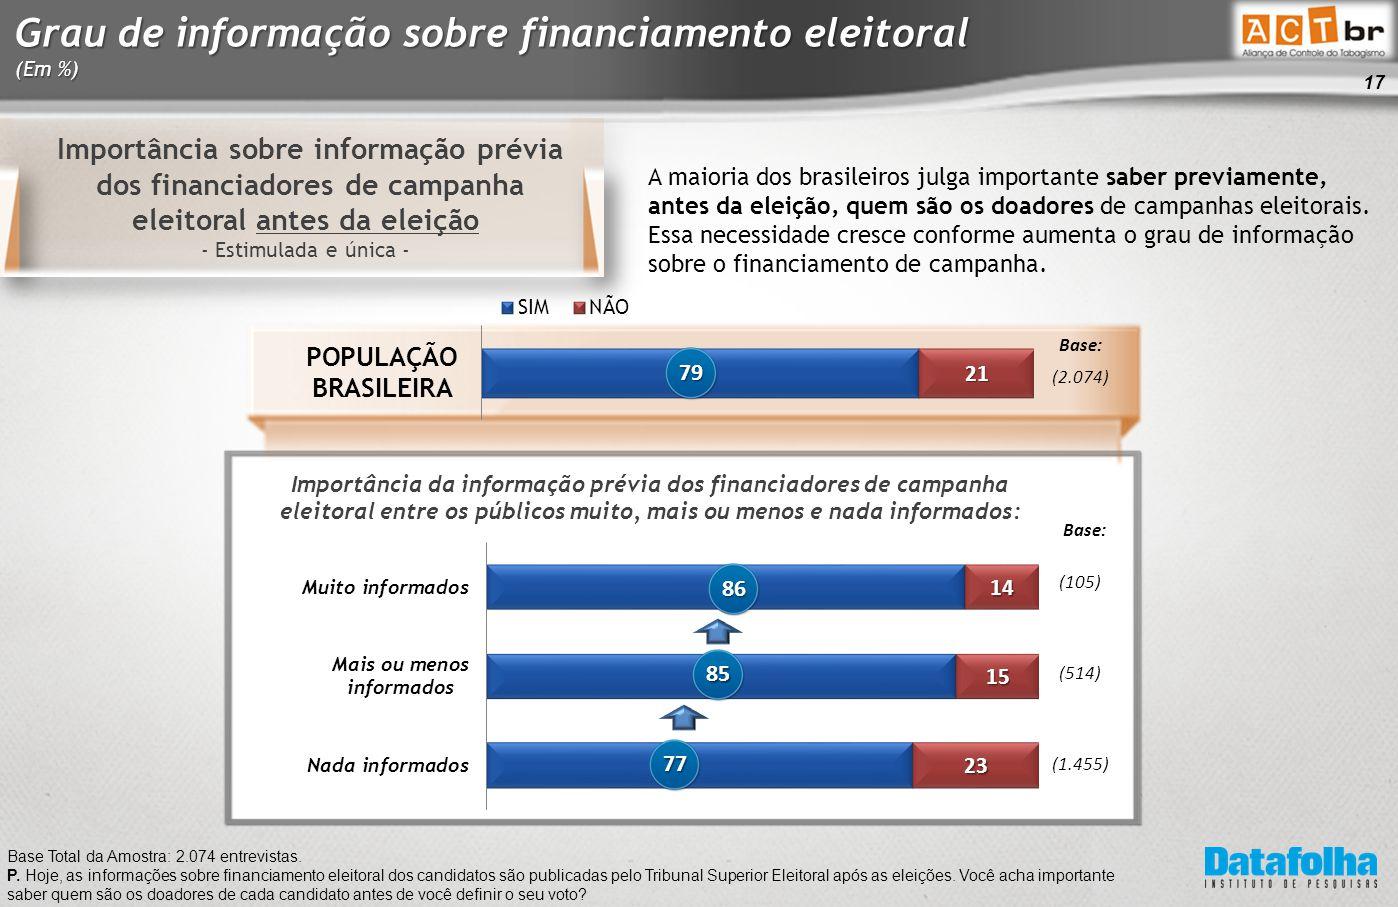 17 Importância sobre informação prévia dos financiadores de campanha eleitoral antes da eleição - Estimulada e única - Base Total da Amostra: 2.074 entrevistas.